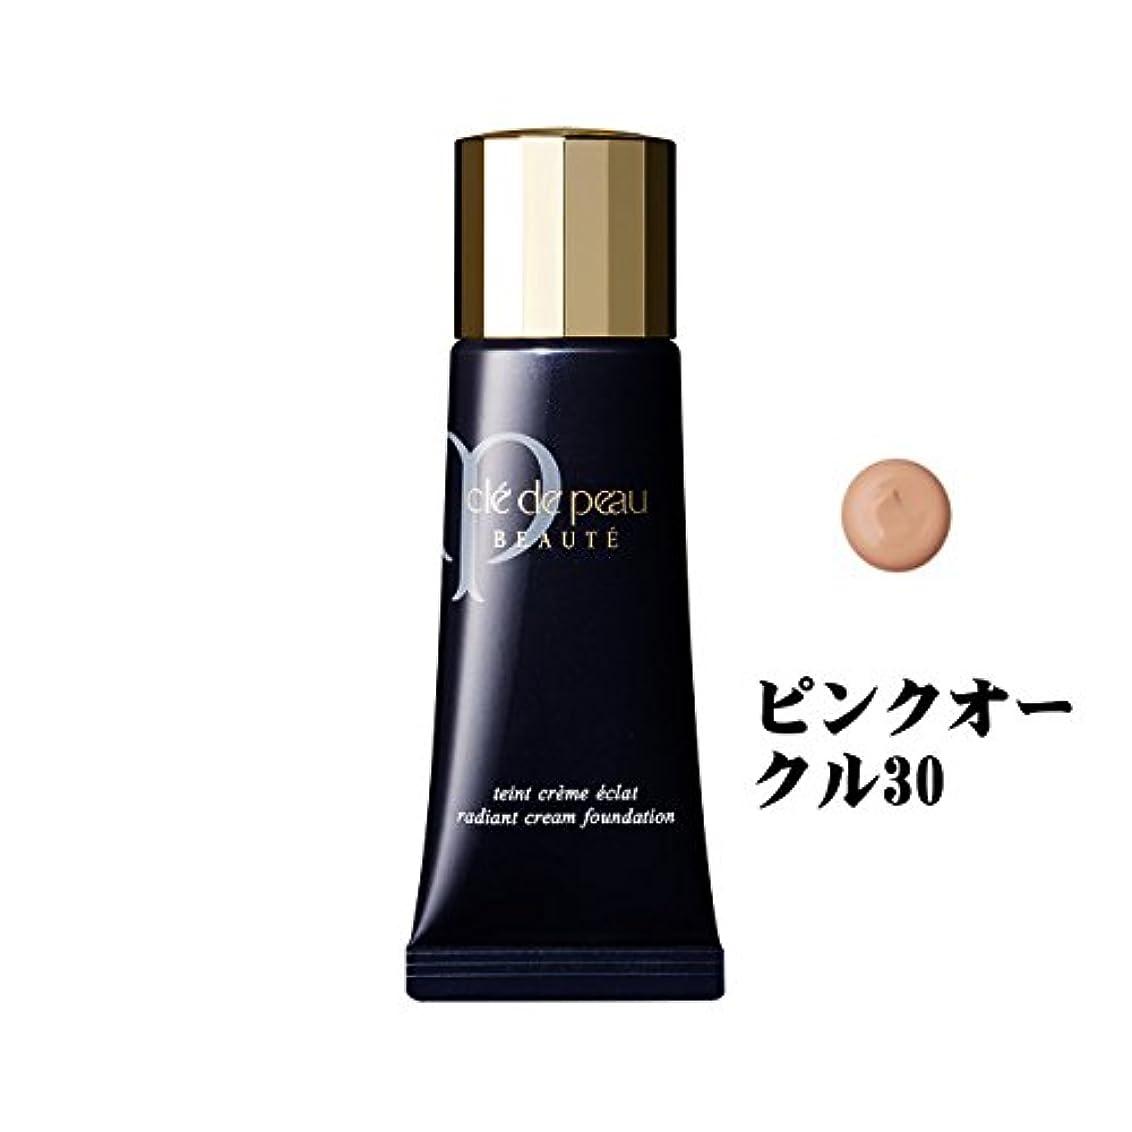 等マキシム到着する資生堂/shiseido クレドポーボーテ/CPB タンクレームエクラ クリームタイプ SPF25?PA++ ピンクオークル30